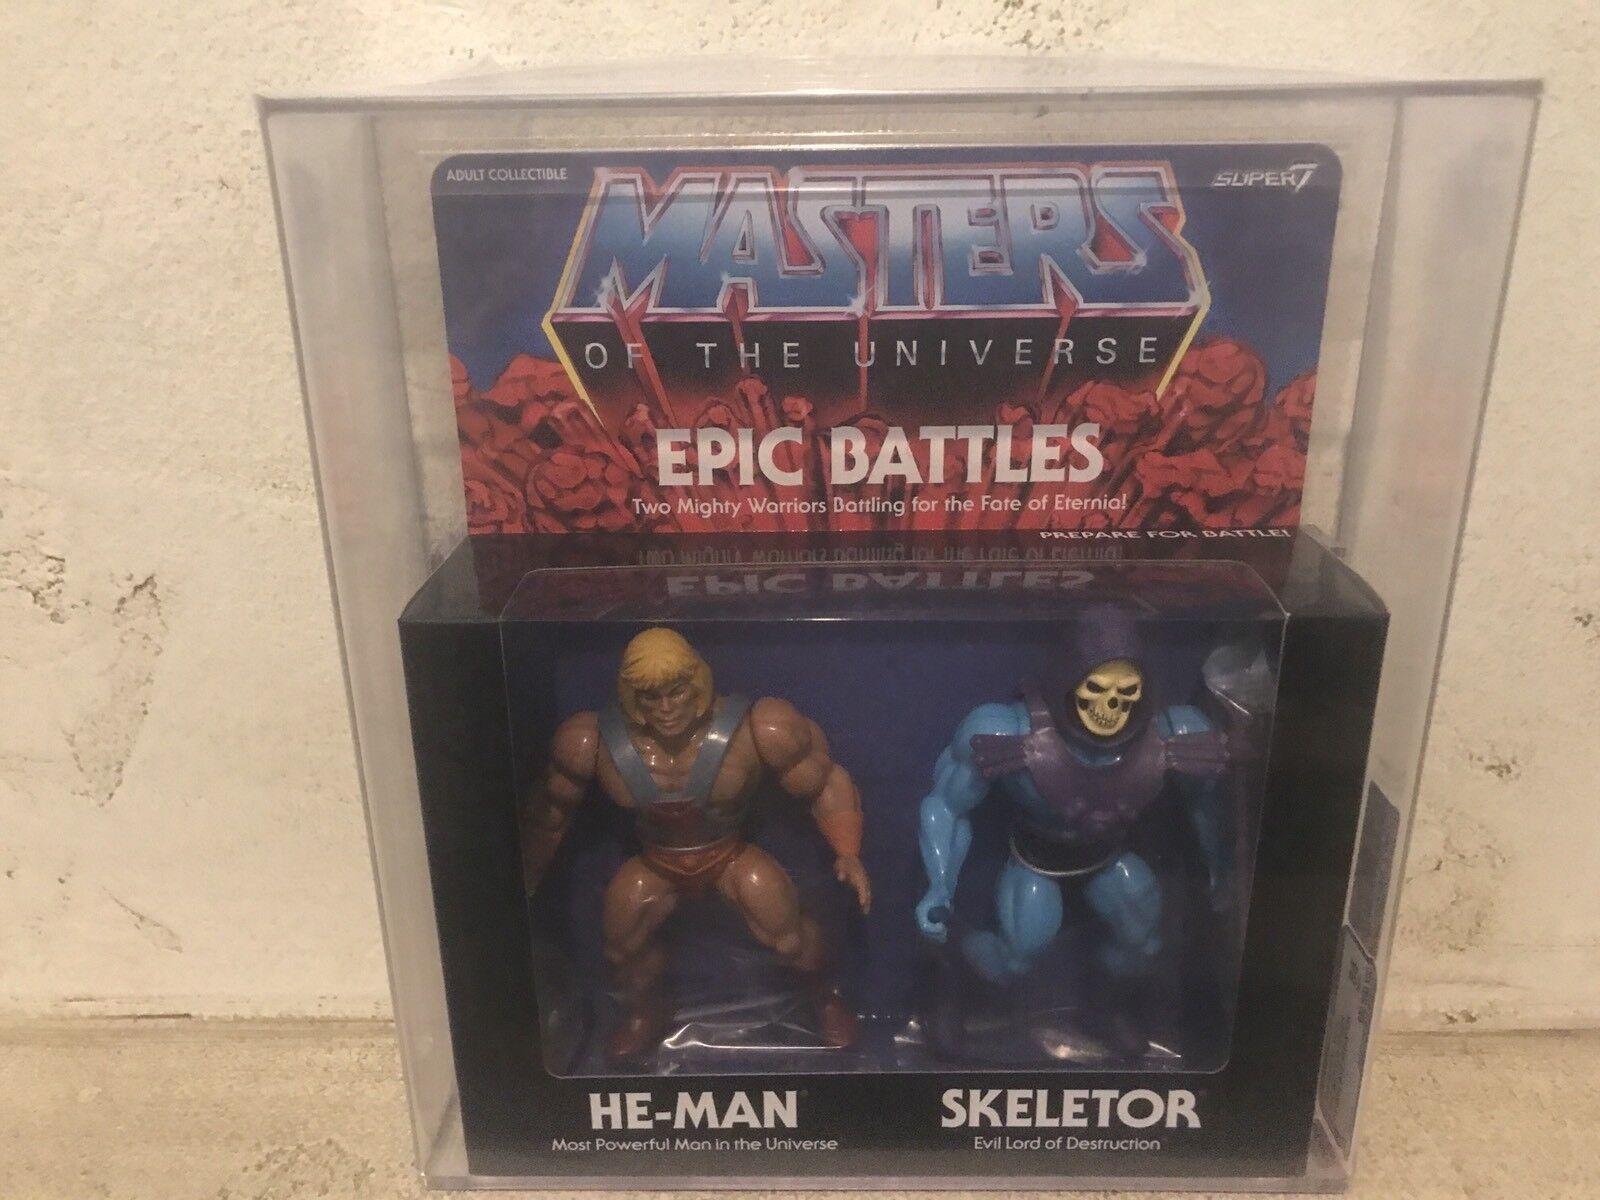 He Man Skeletor batallas épicas Super 7 85 Afa Moc Amos del universo Masters Universo Figura